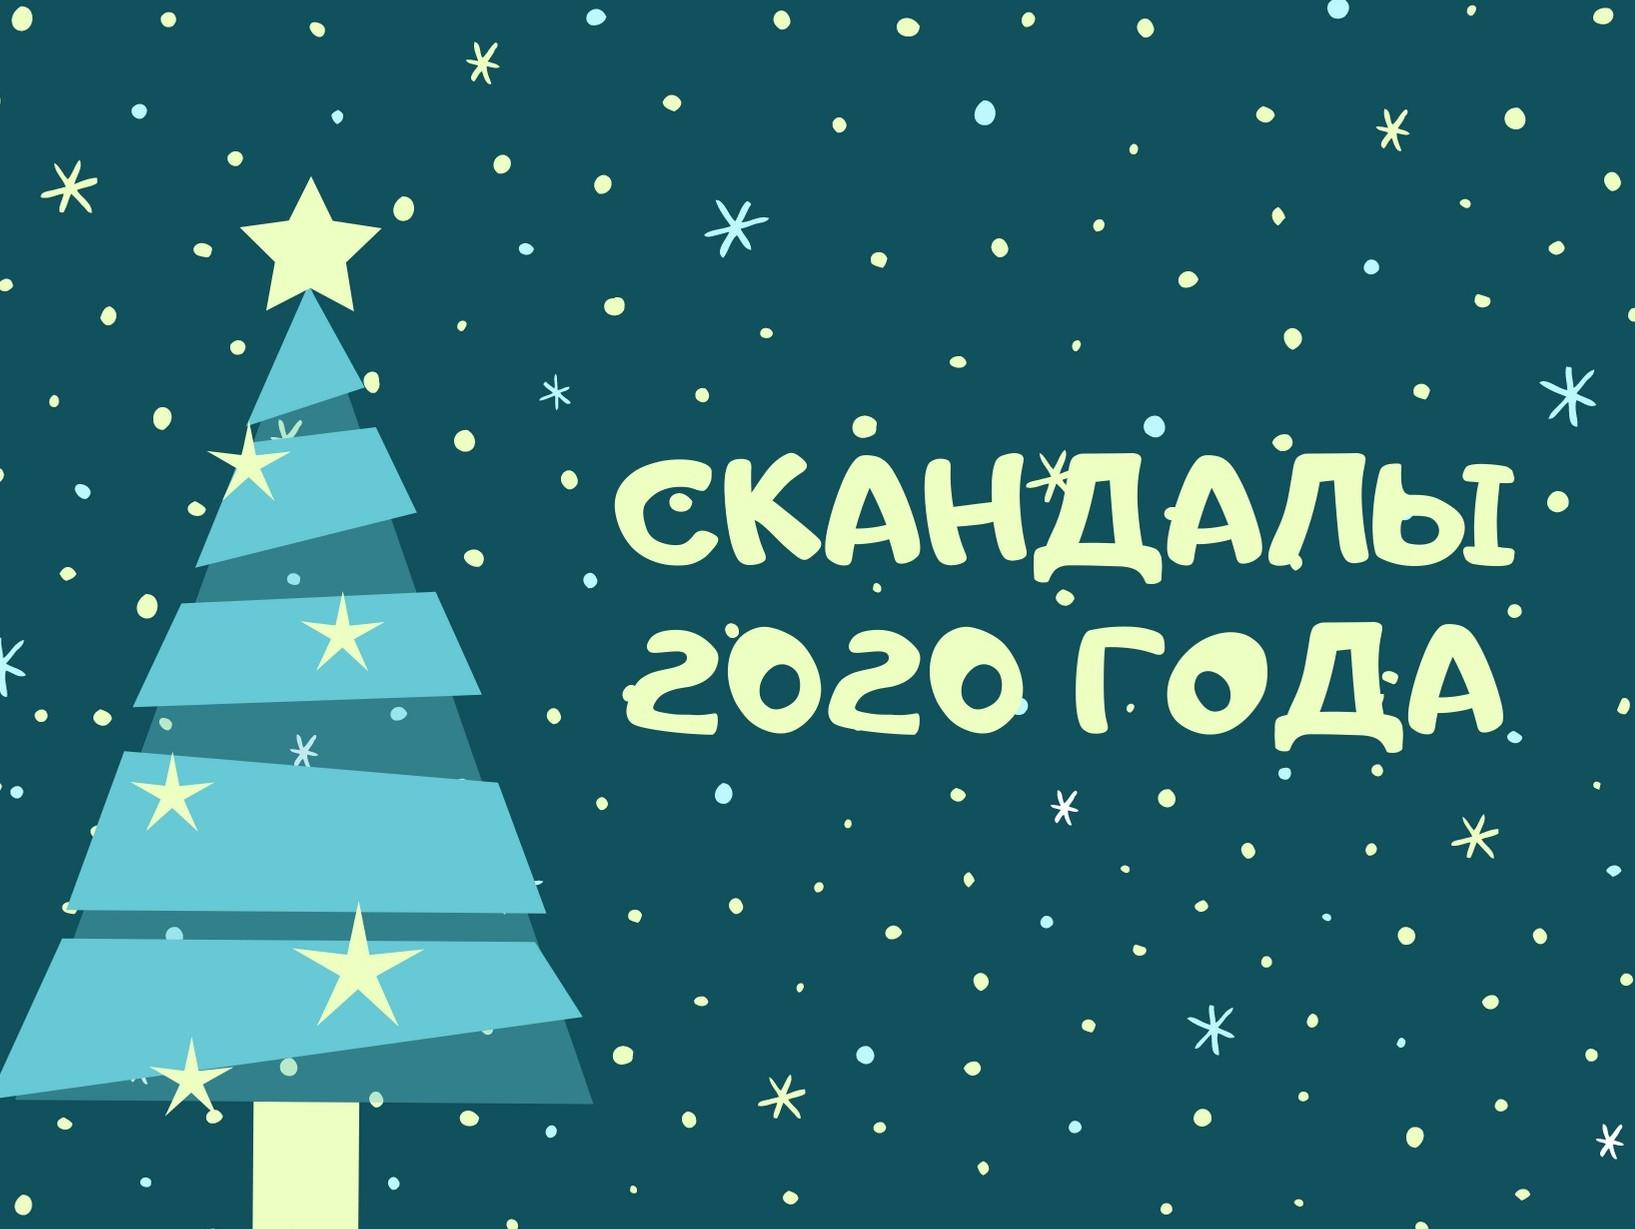 202210105_10-26-Скандалы в Тверской области 2020-pic1